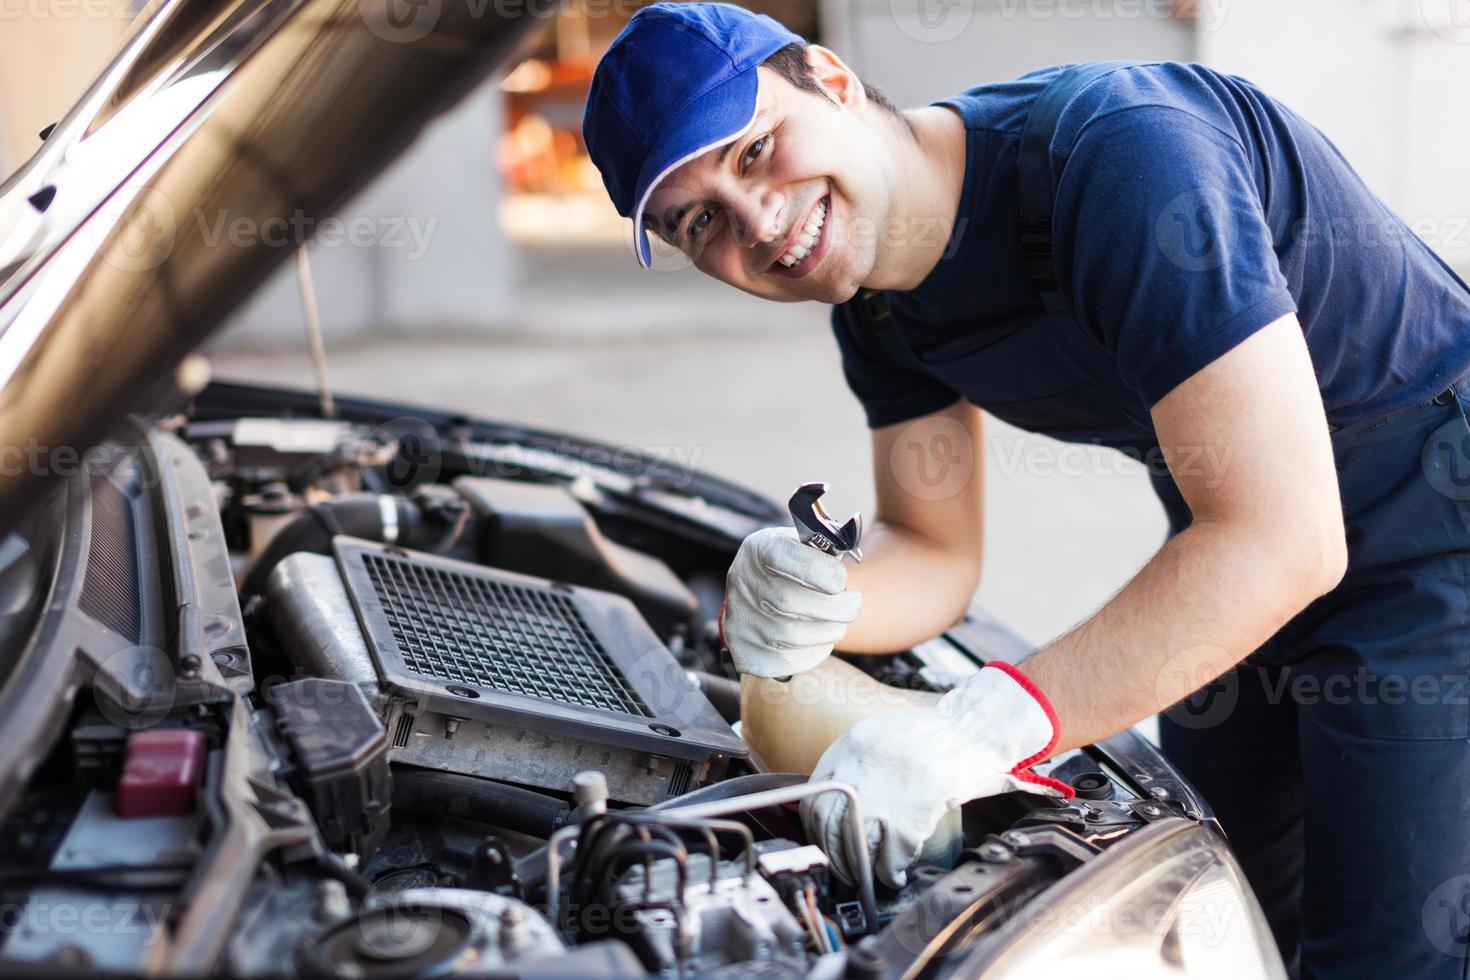 mécanicien fixant un moteur de voiture photo